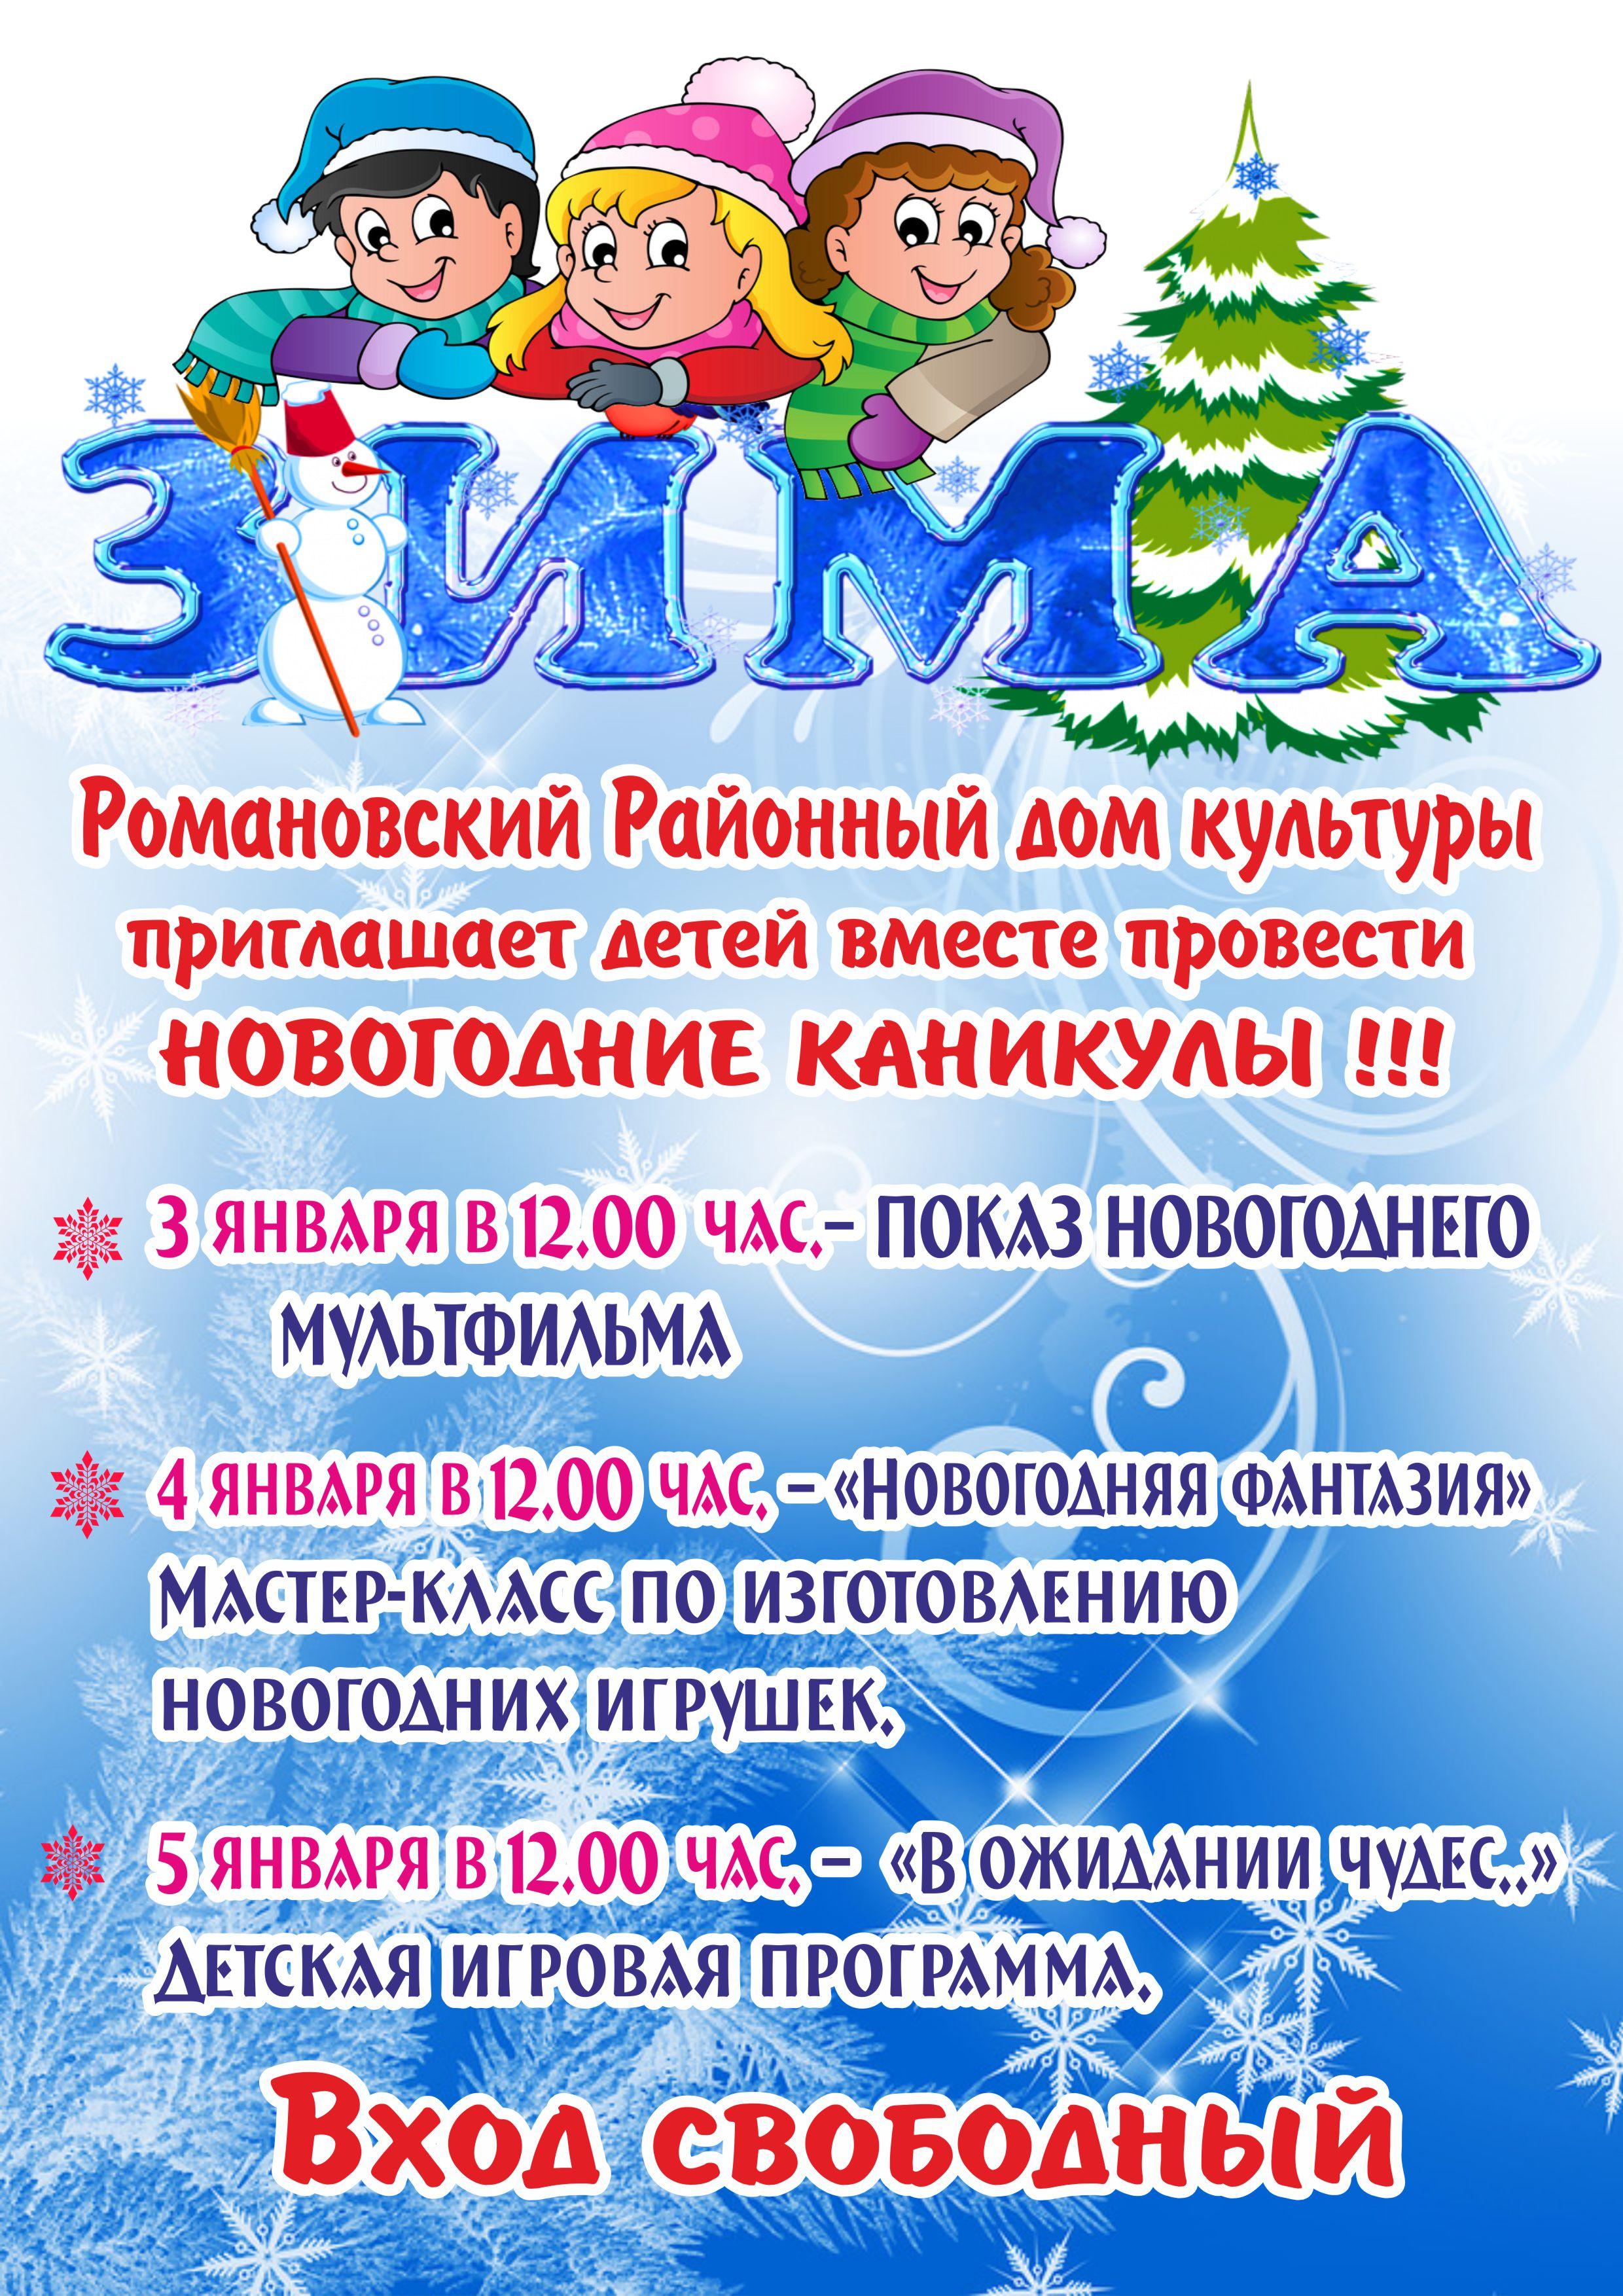 Романовский РДК приглашает детей вместе провести каникулы!